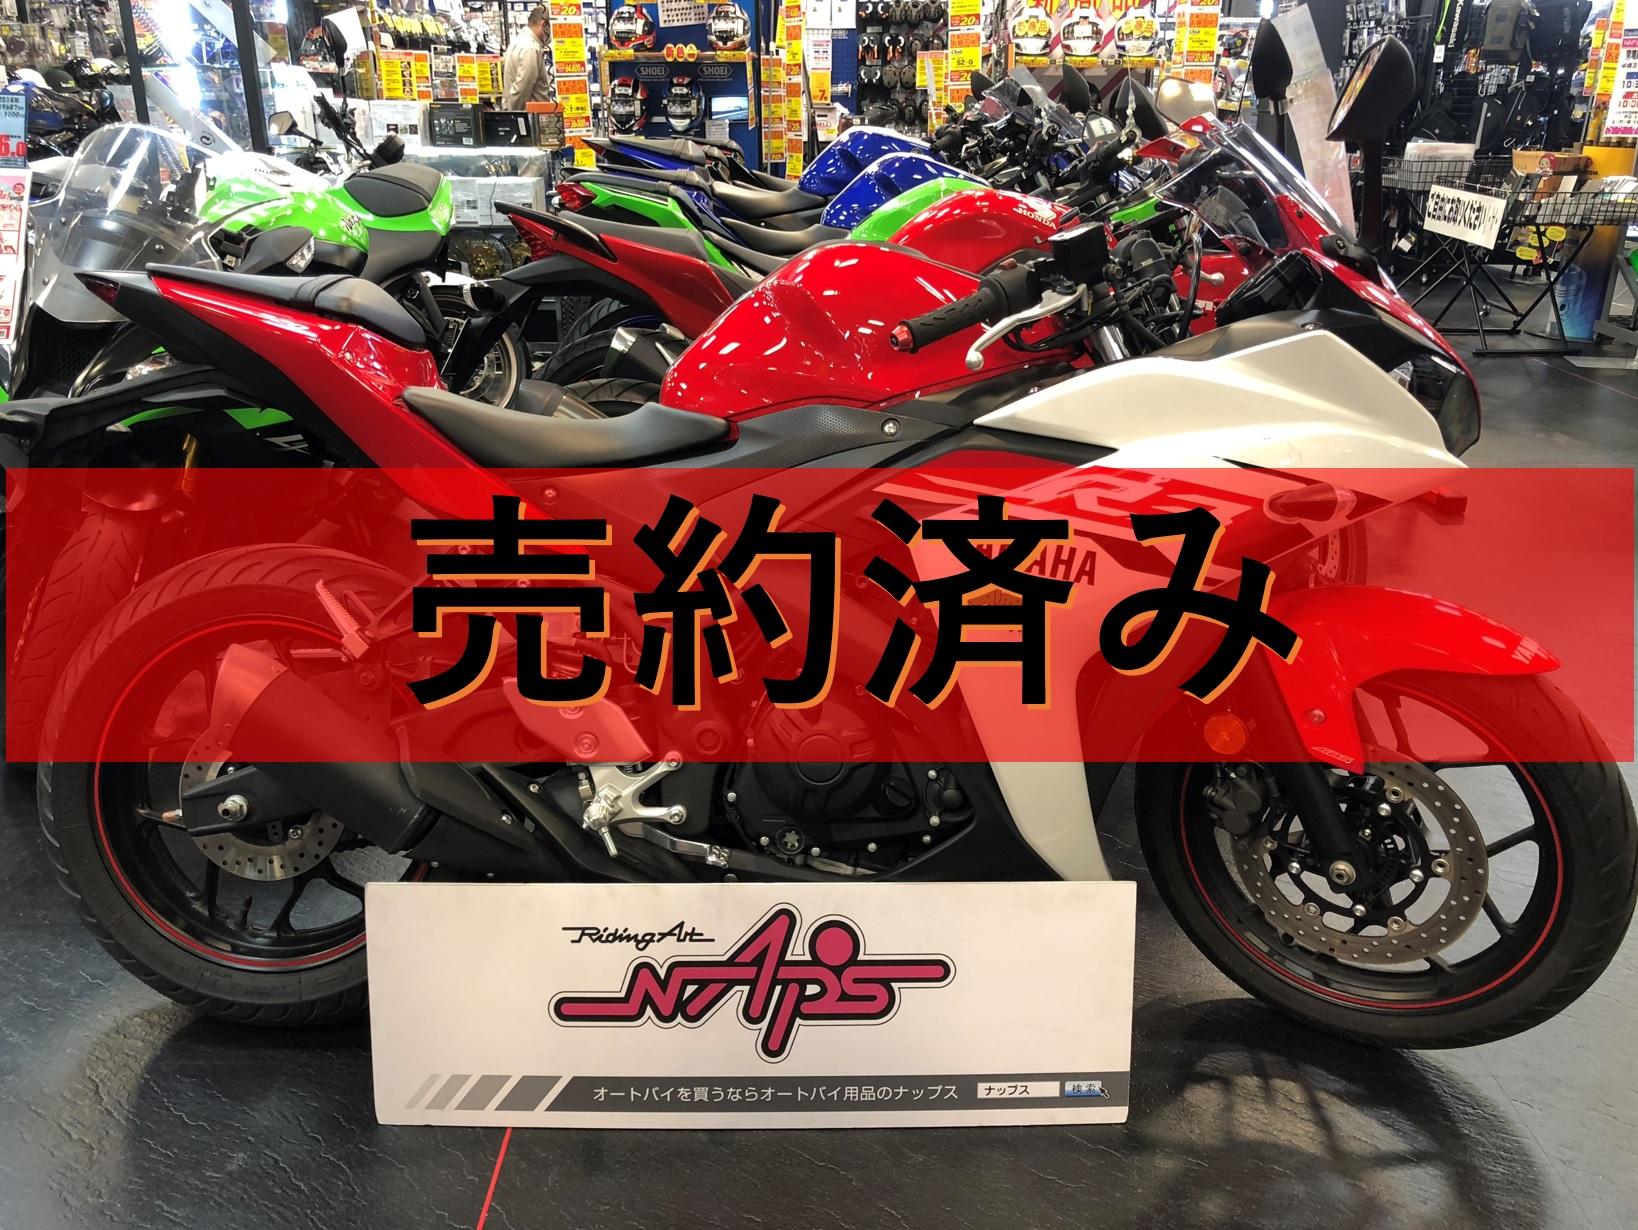 YAMAHA 【販売車両】YZF-R3 USB電源 スマホホルダー ヘルメットホルダー